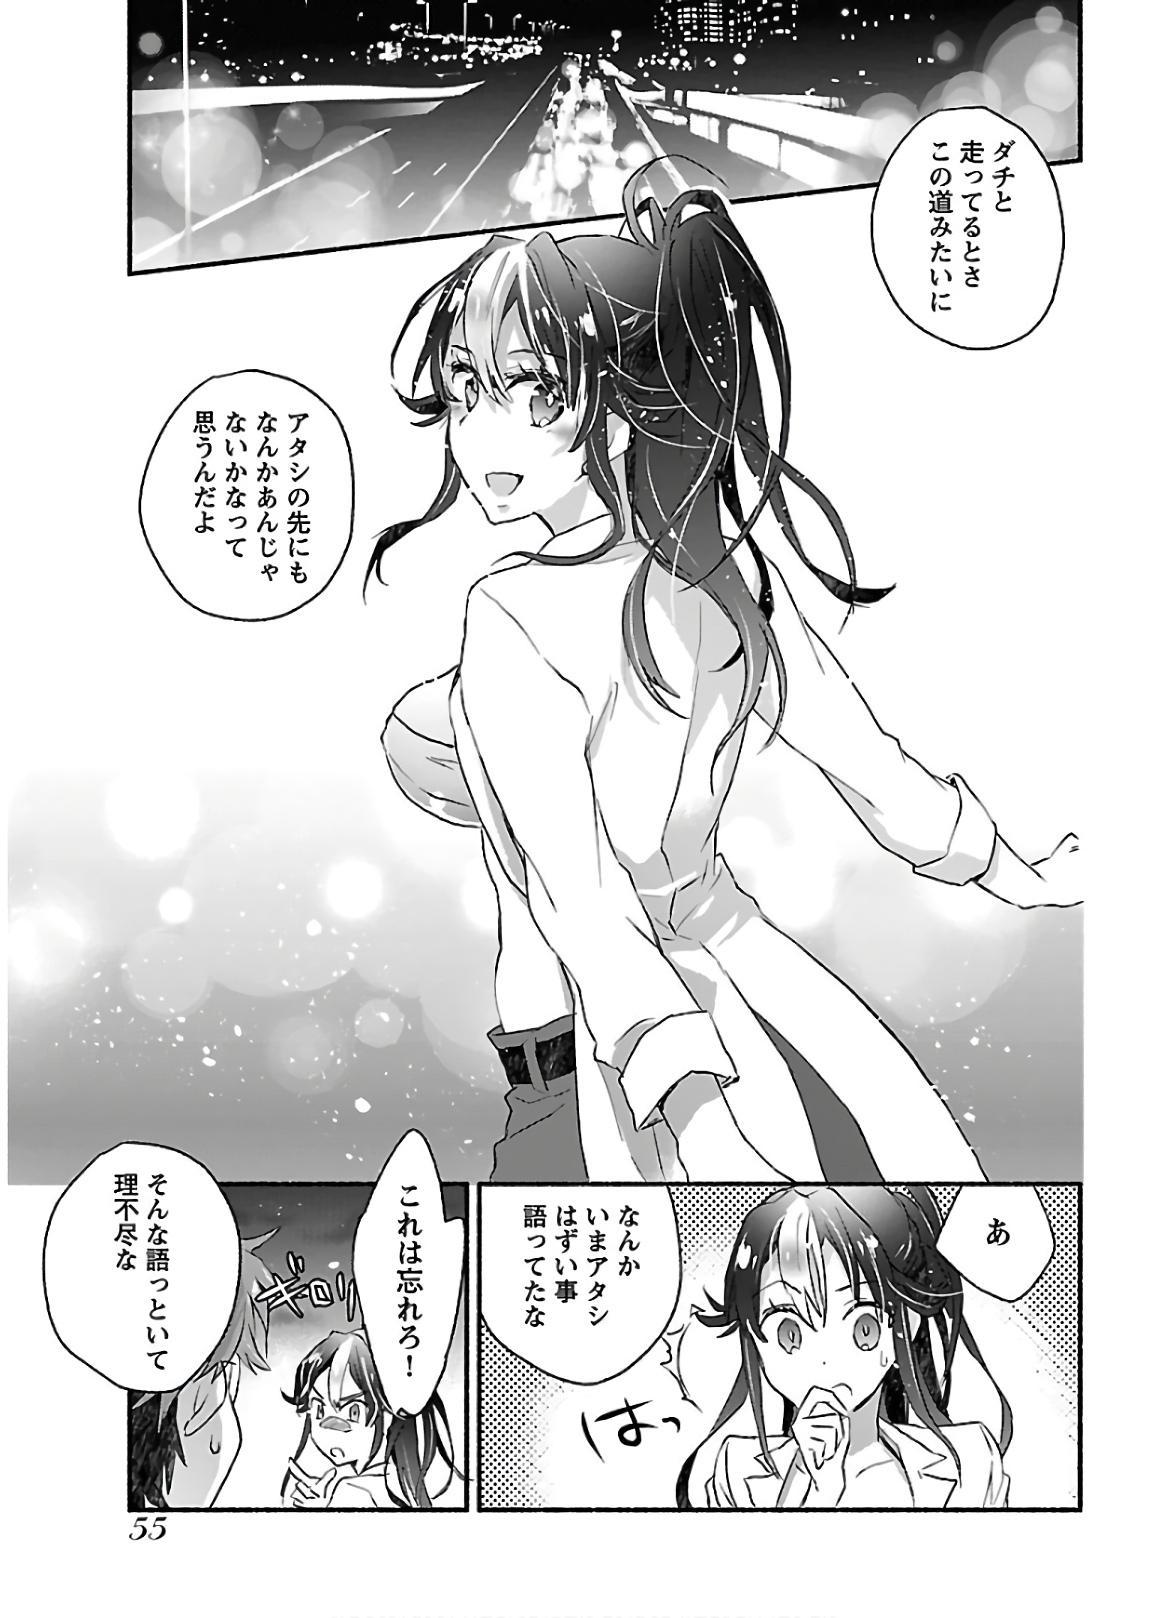 Yankii musume ni natsukarete kotoshi mo juken ni shippai shisou desu  vol.1 56